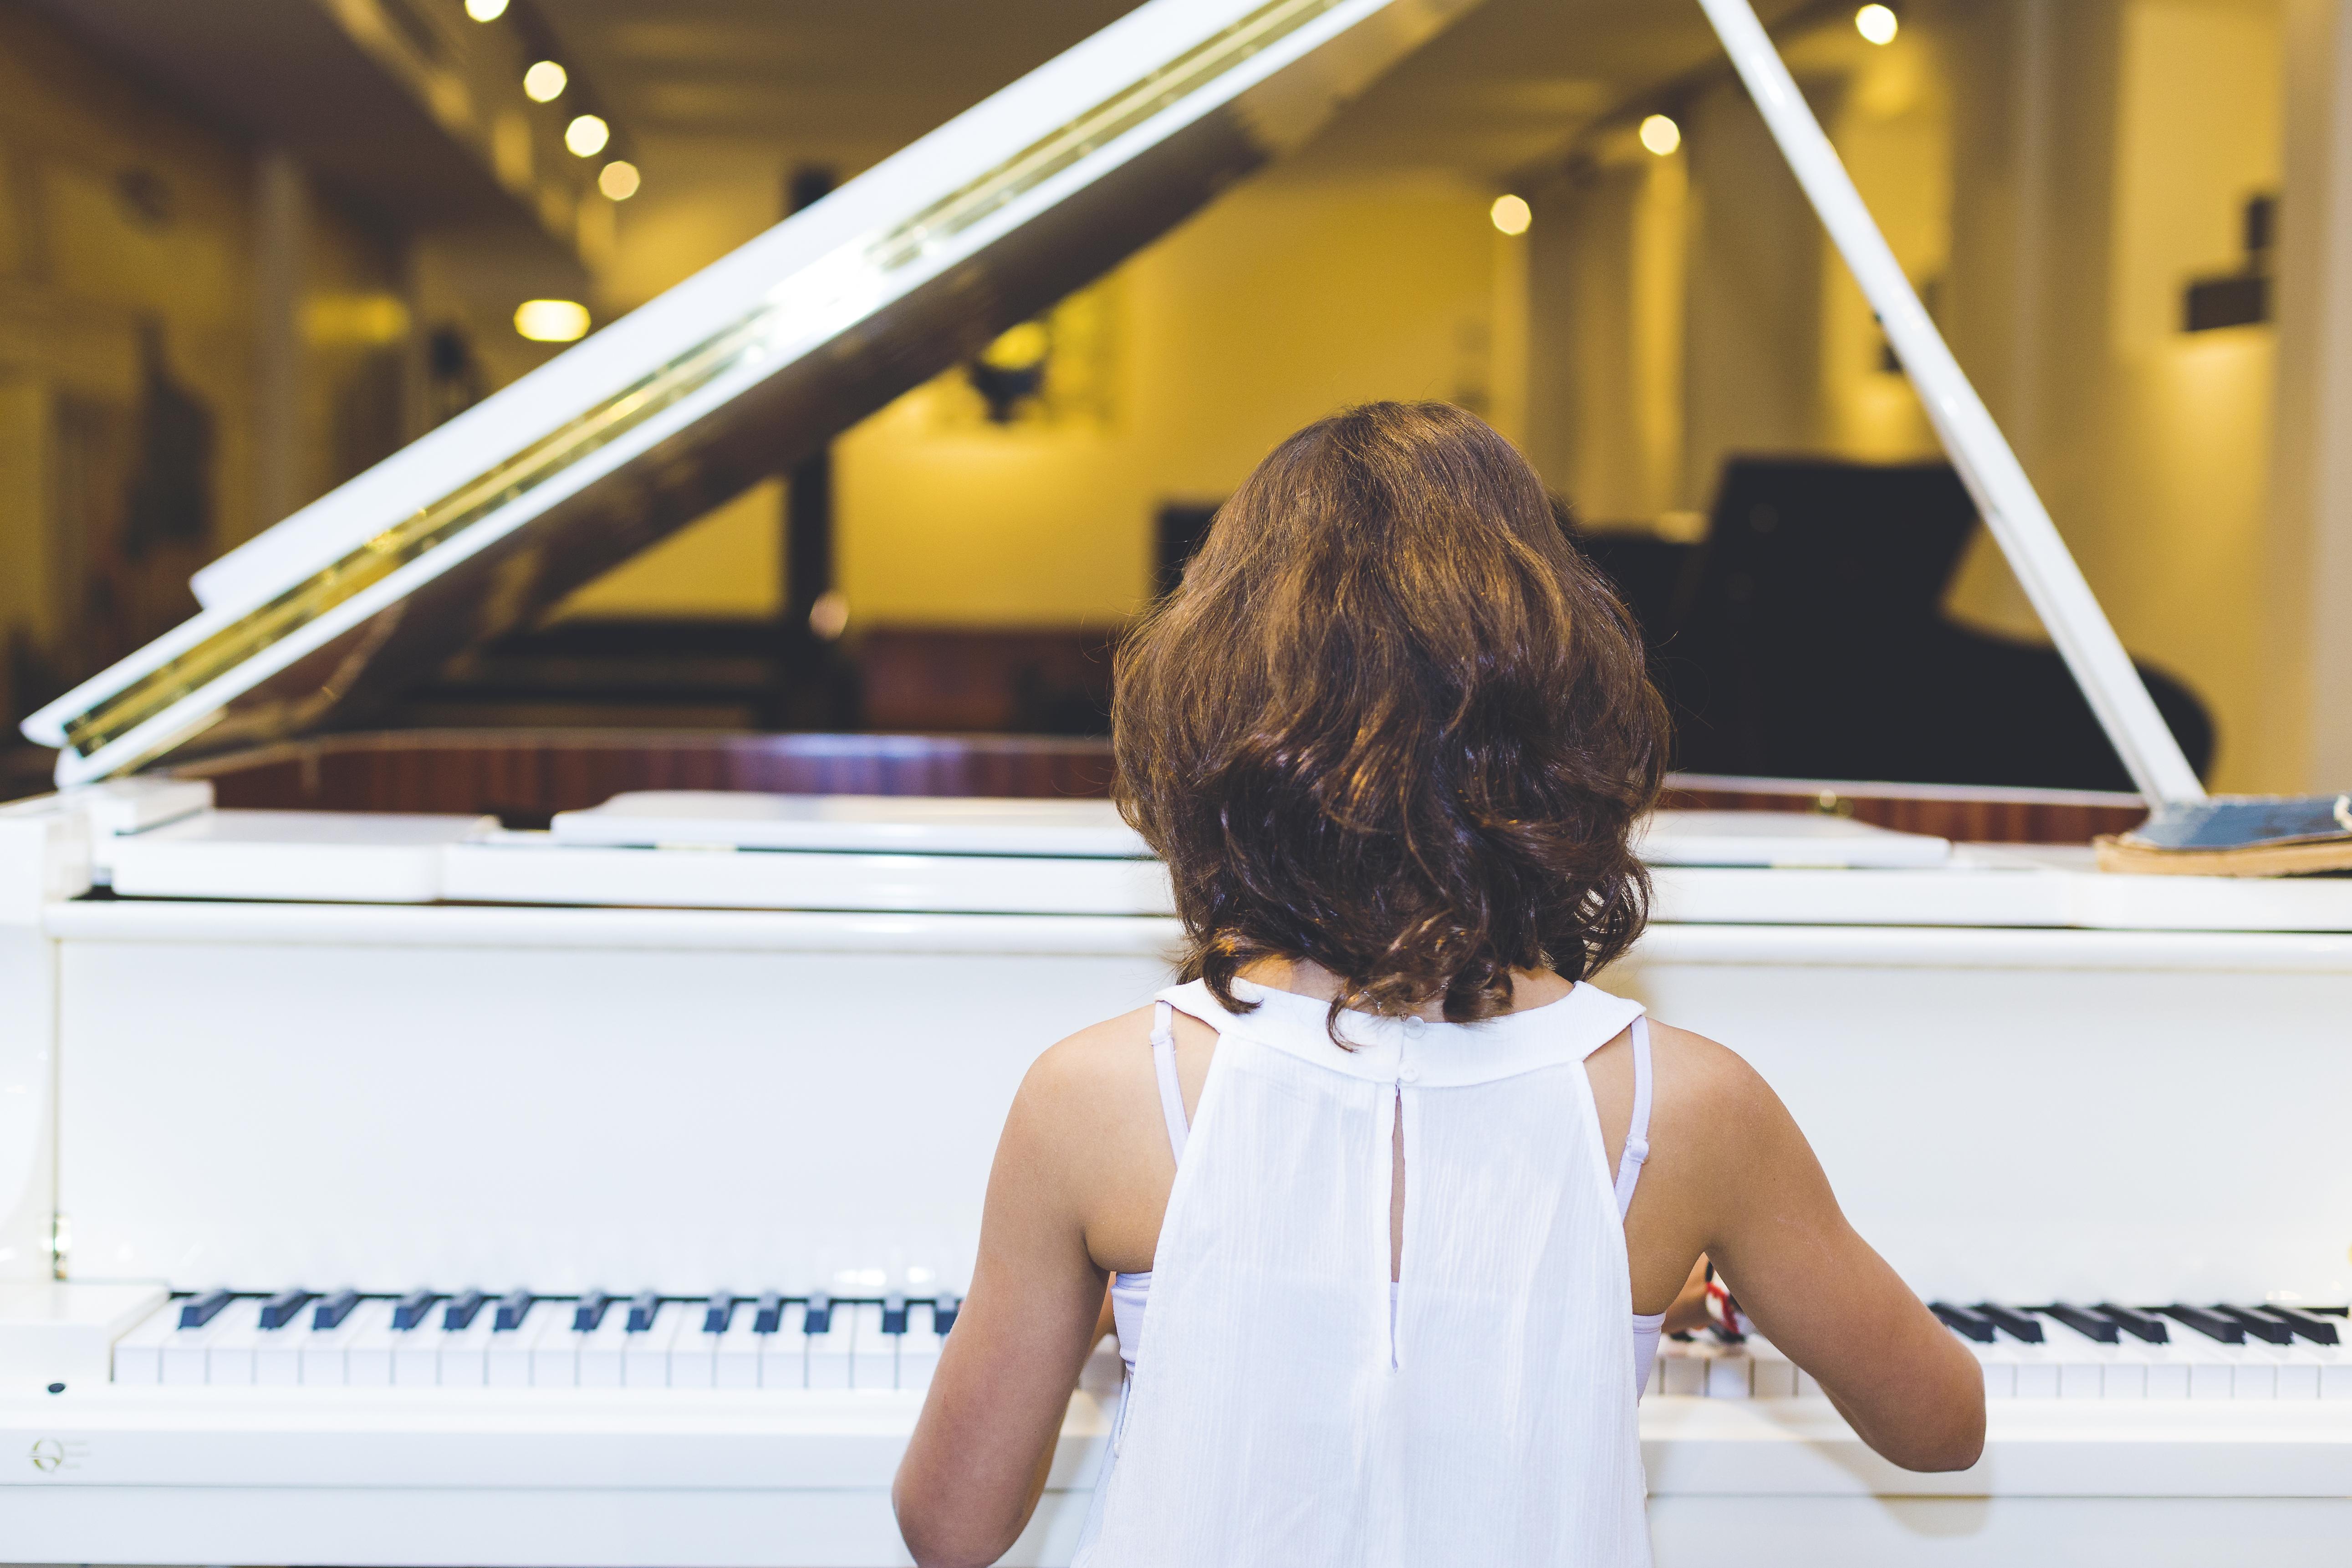 באיזה גיל אפשר להתחיל לנגן בפסנתר?